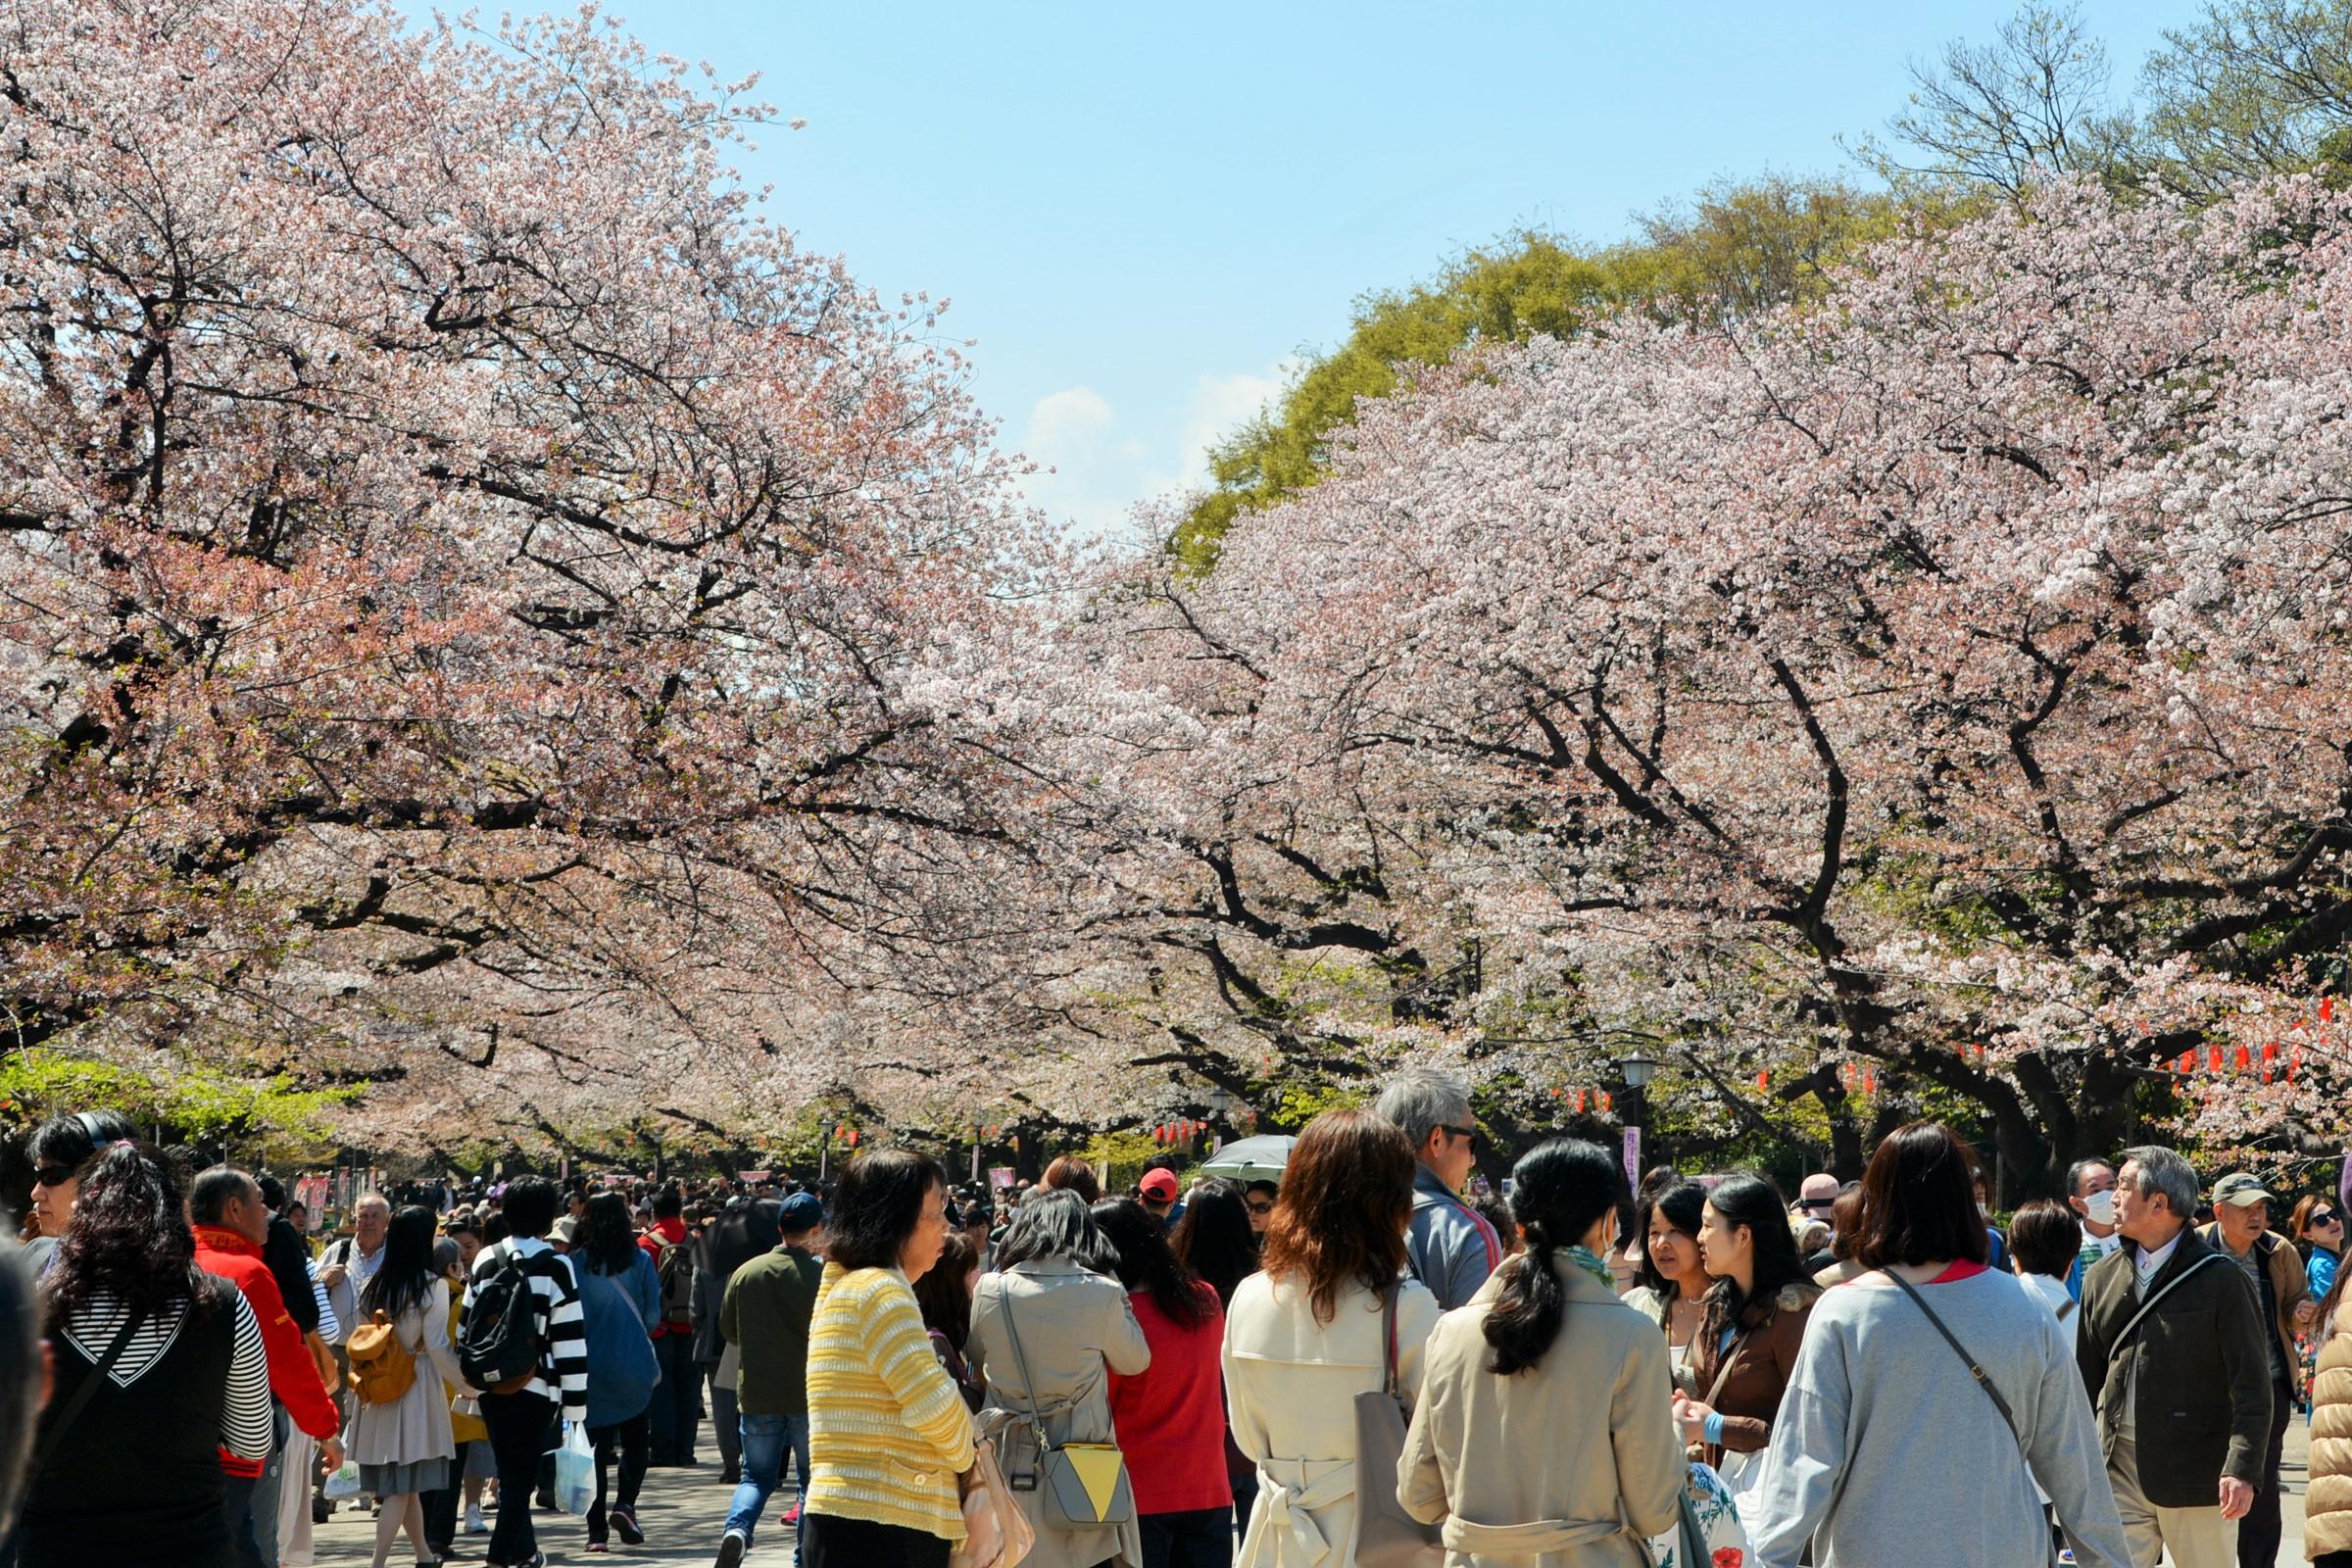 花見客で賑わう上野公園